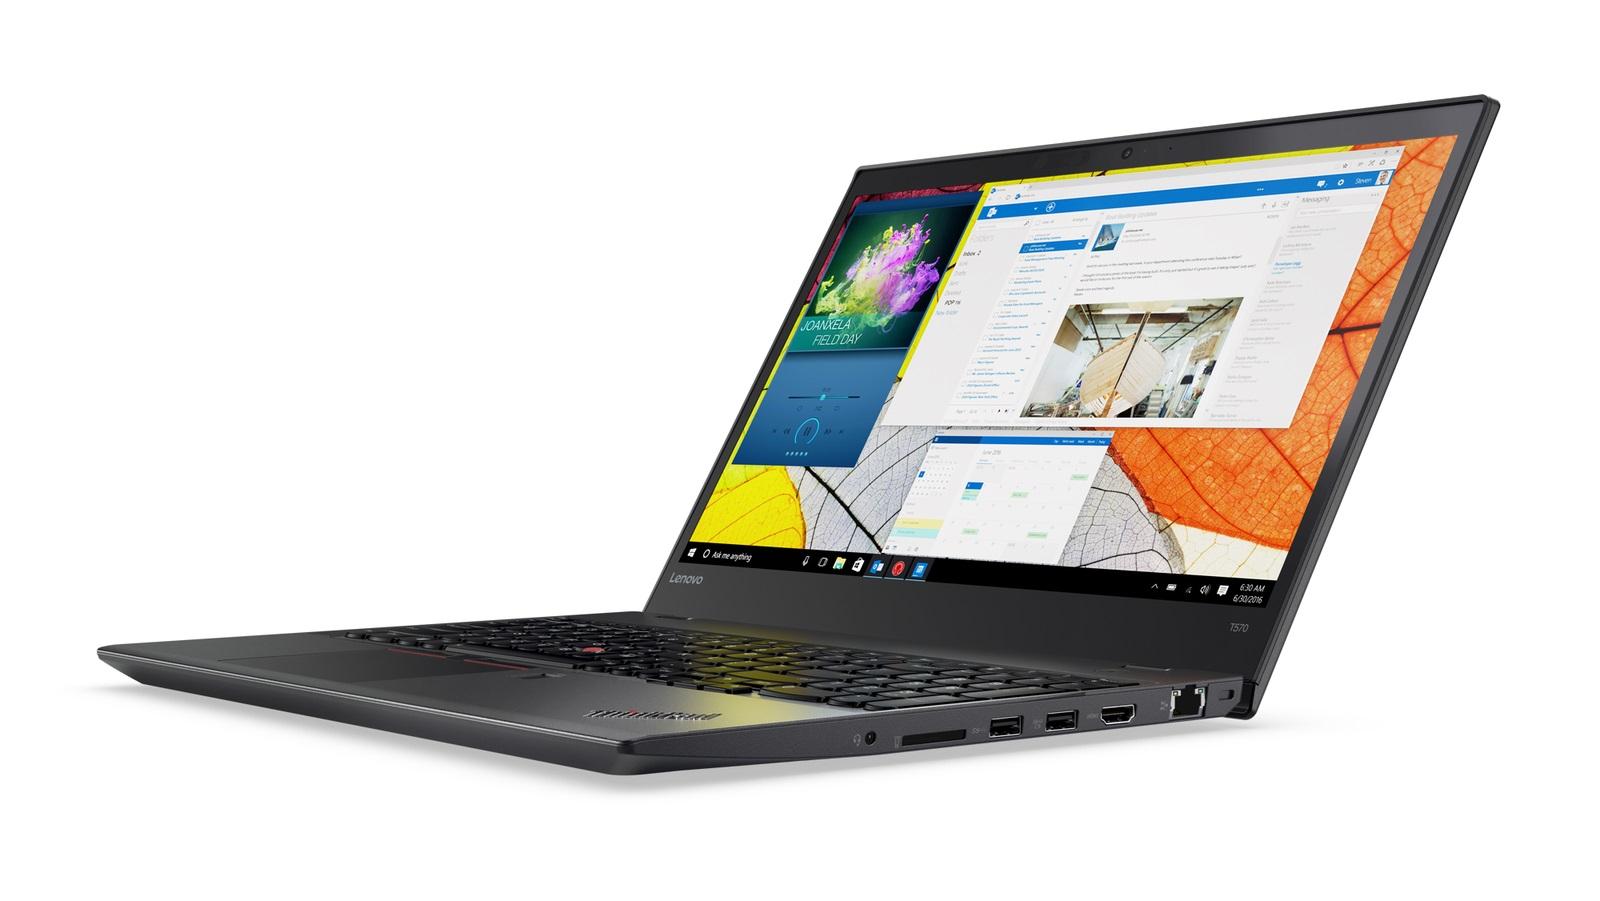 """Lenovo ThinkPad T570 i5-7300U/8GB/256GB SSD/HD Graphics 620/15,6"""" FHD IPS/4G/Win10PRO/black"""